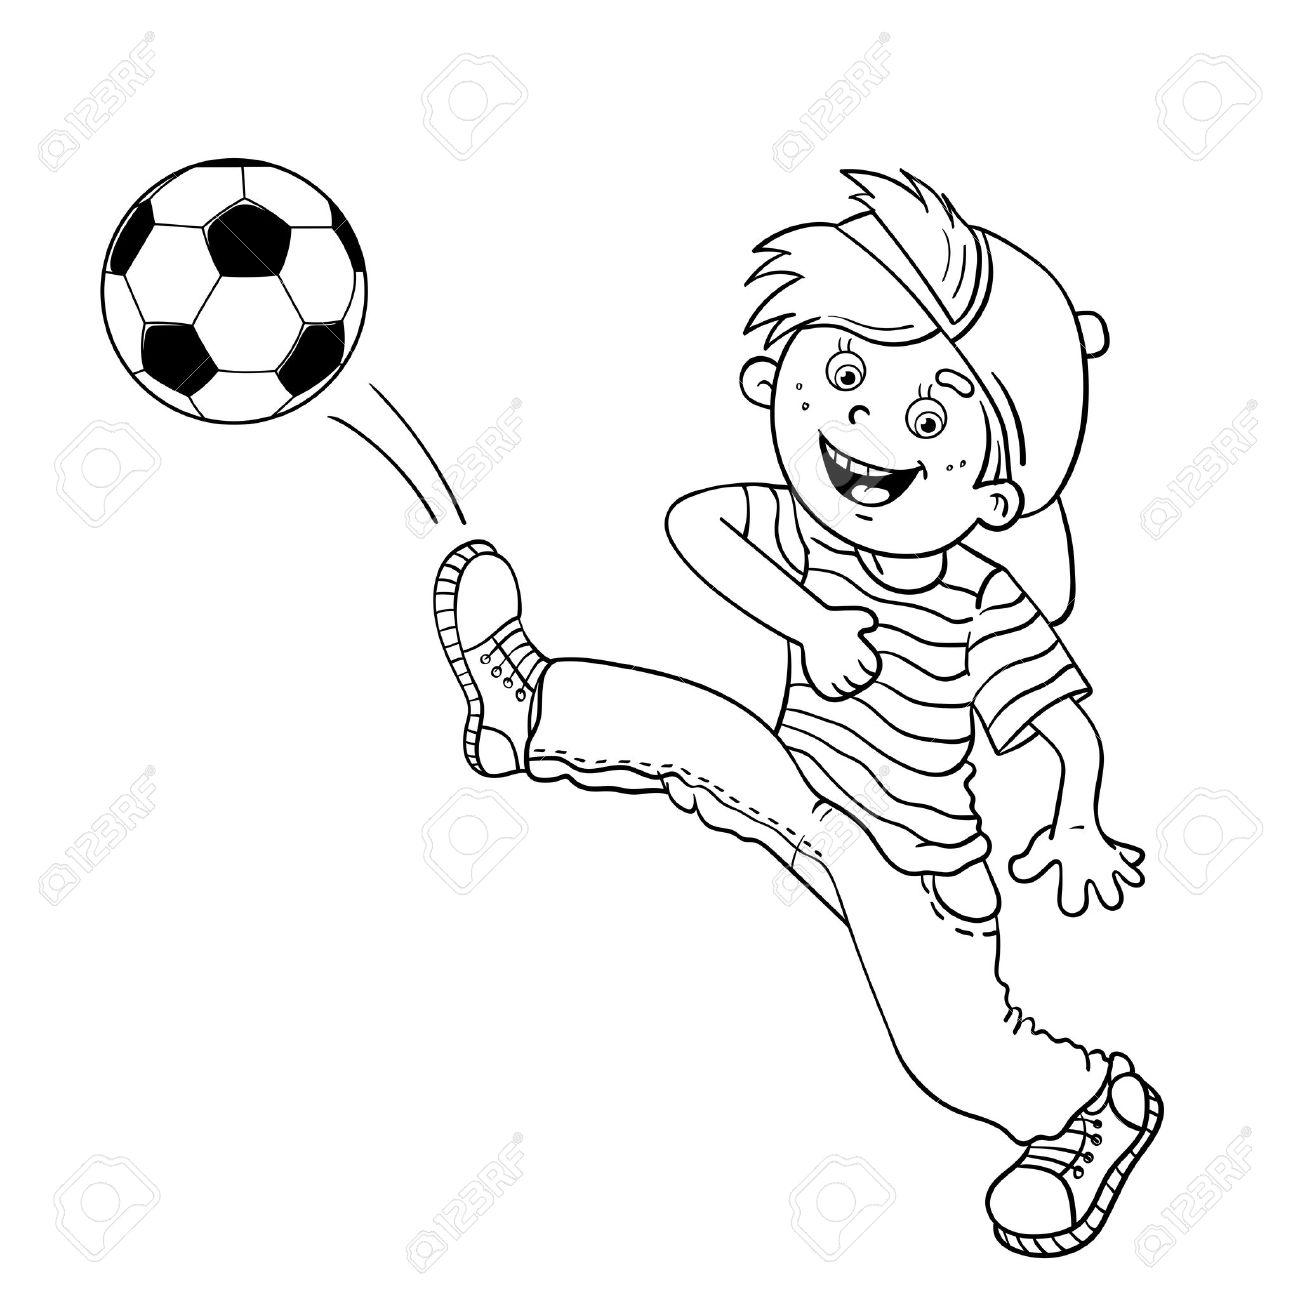 Coloriage Esquisse Dun Garçon De Bande Dessinée Taper Dans Un Ballon De Football